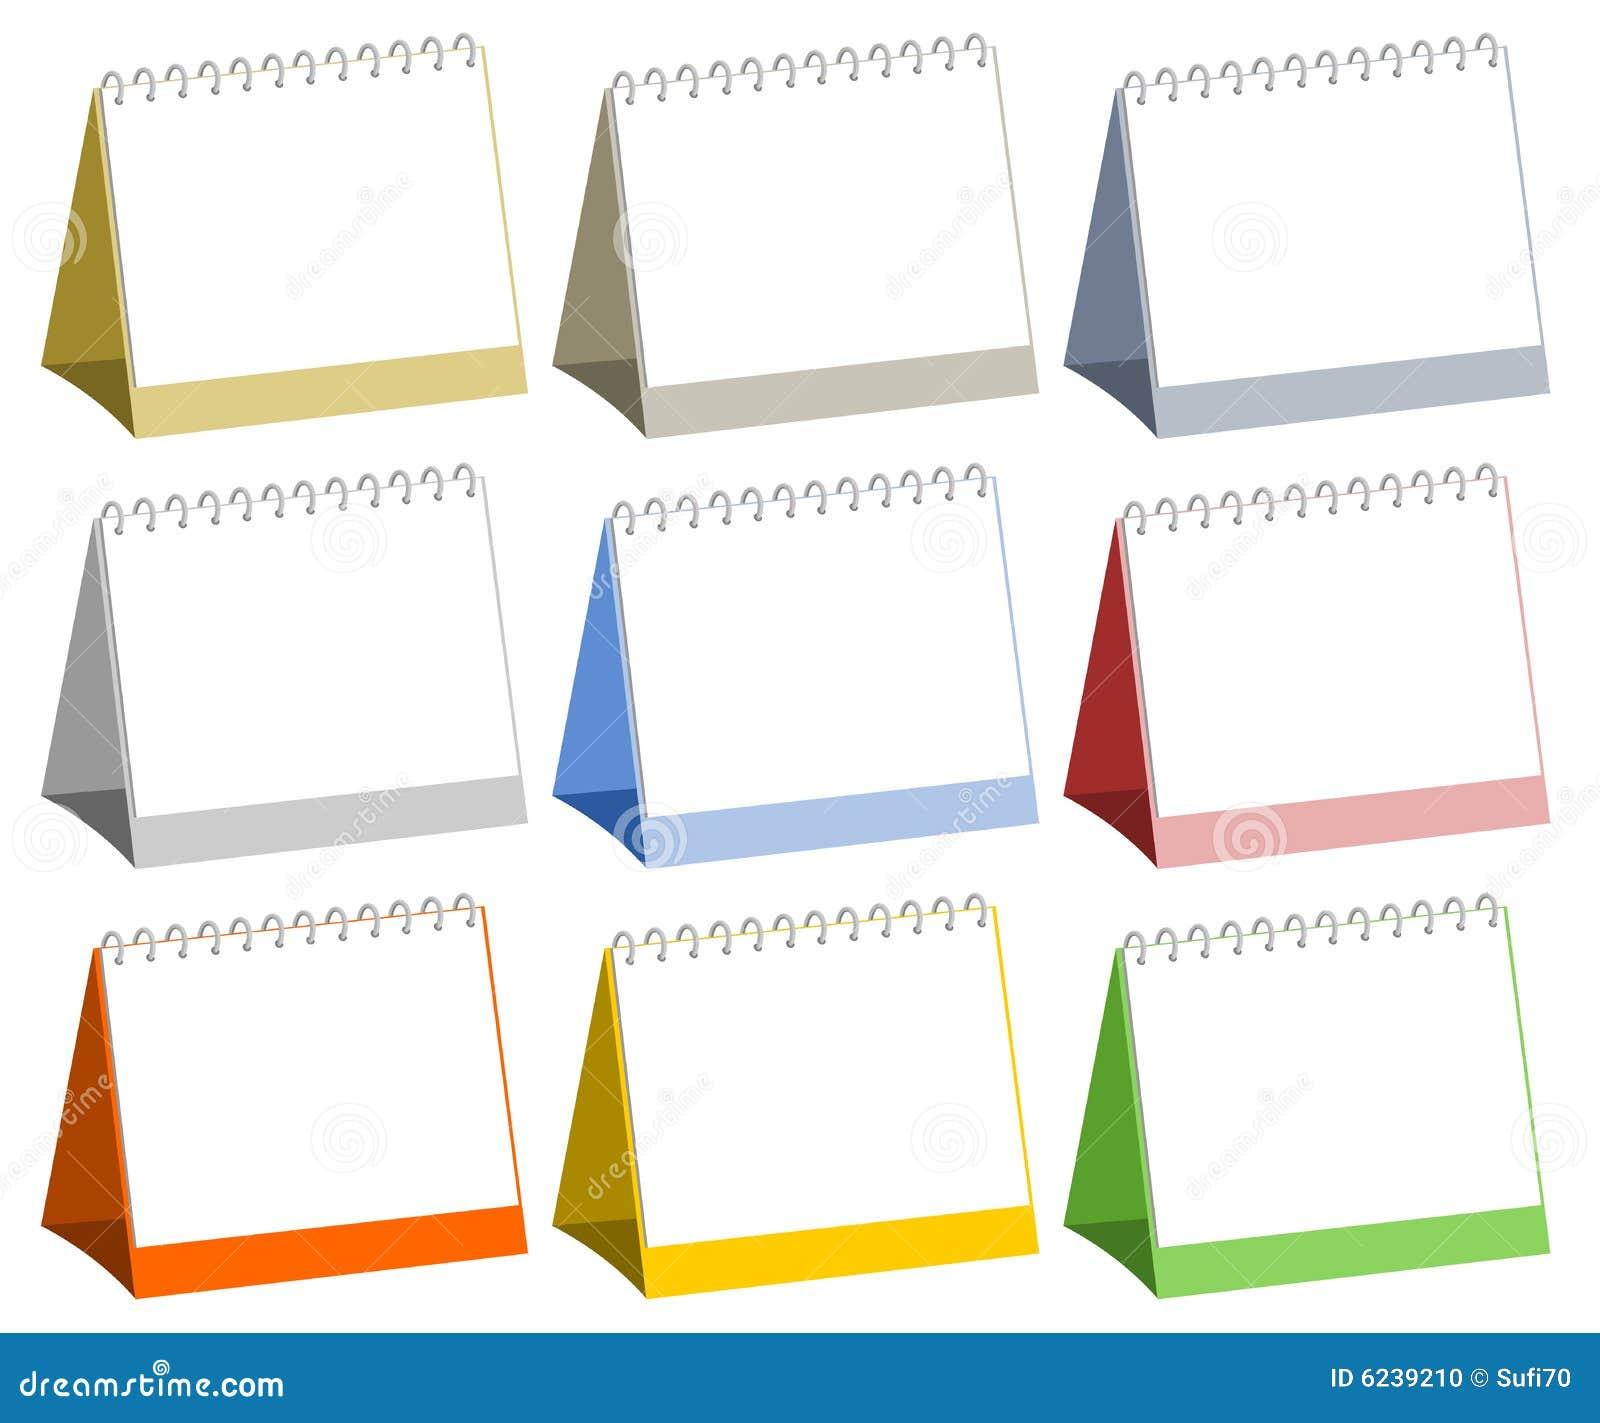 Blank kalendarzy stół